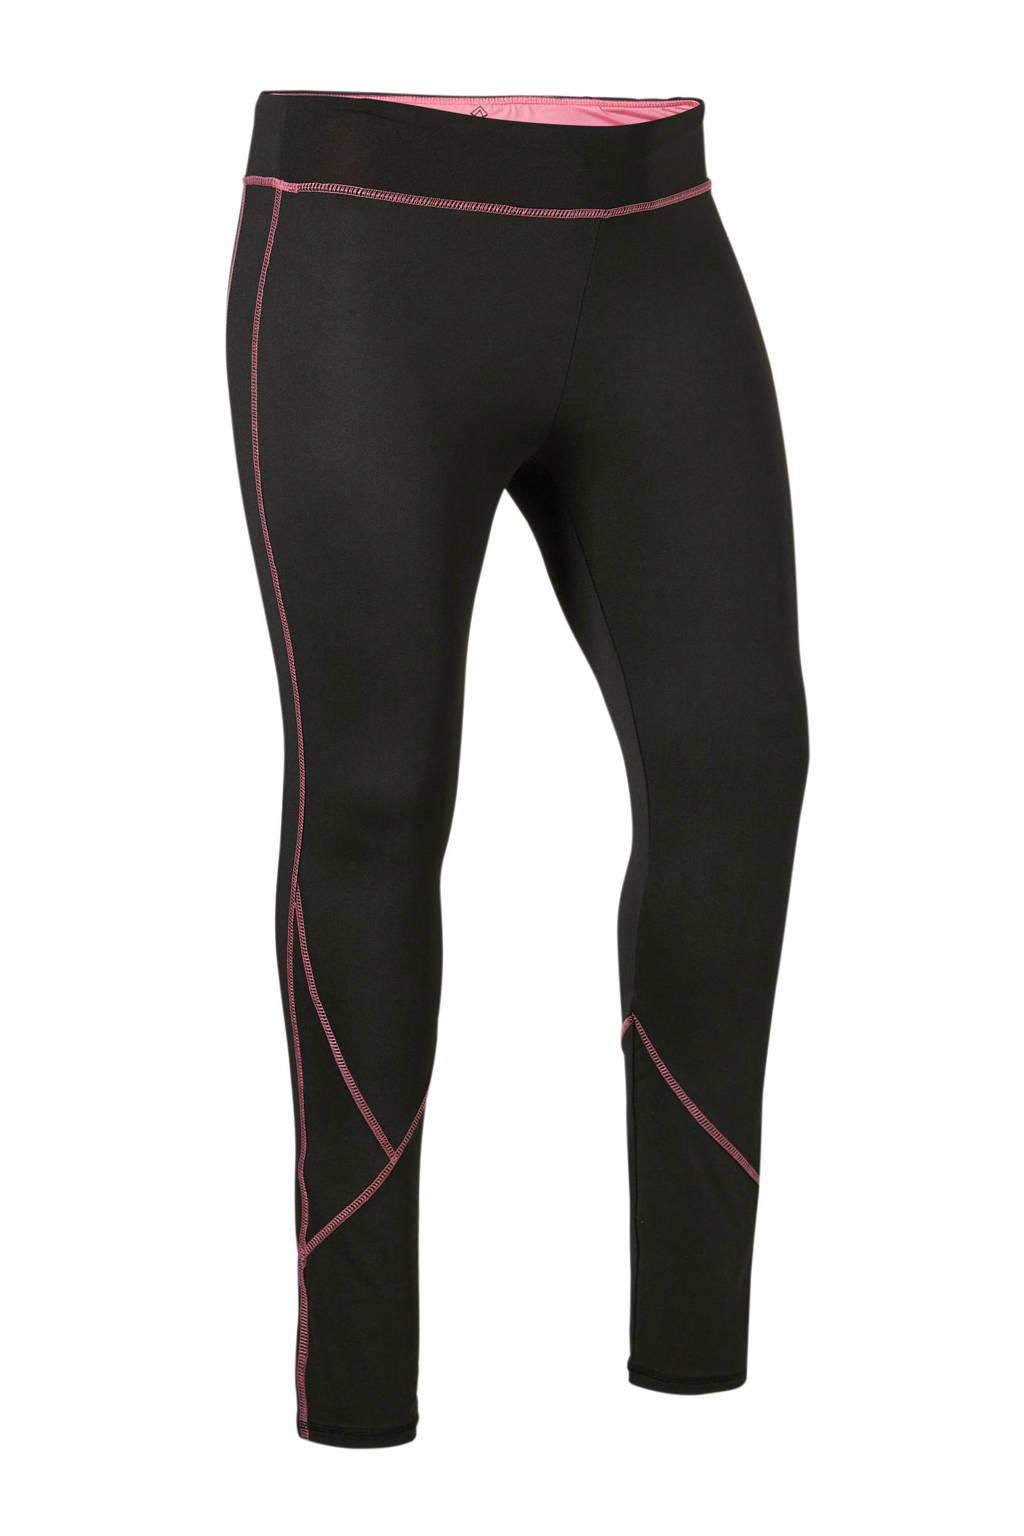 Zhenzi Sport sportbroek zwart/roze, Zwart/roze